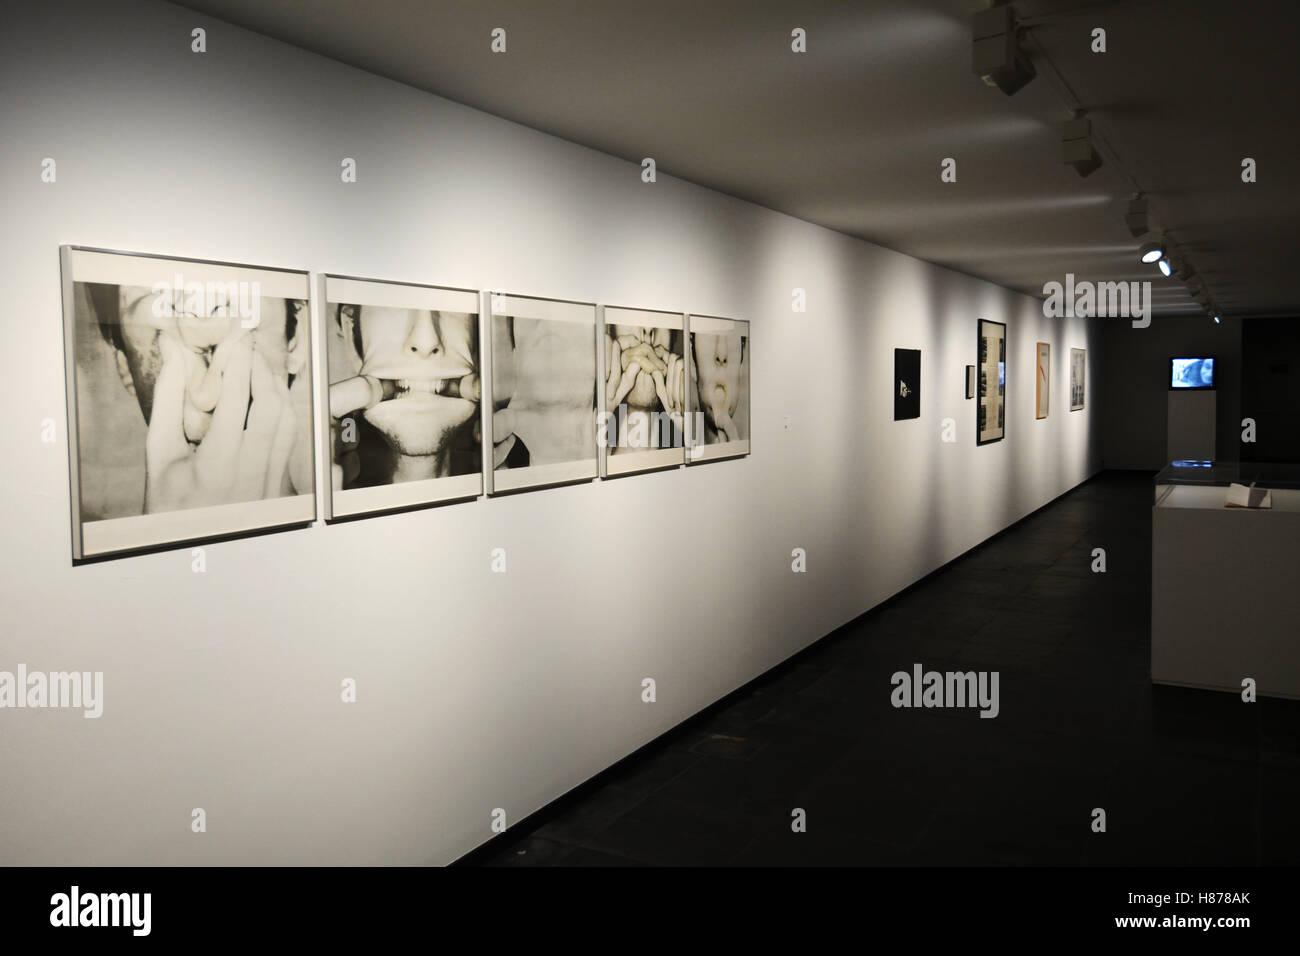 Belgien ghent gent museum of modern art s m a k stedelijk